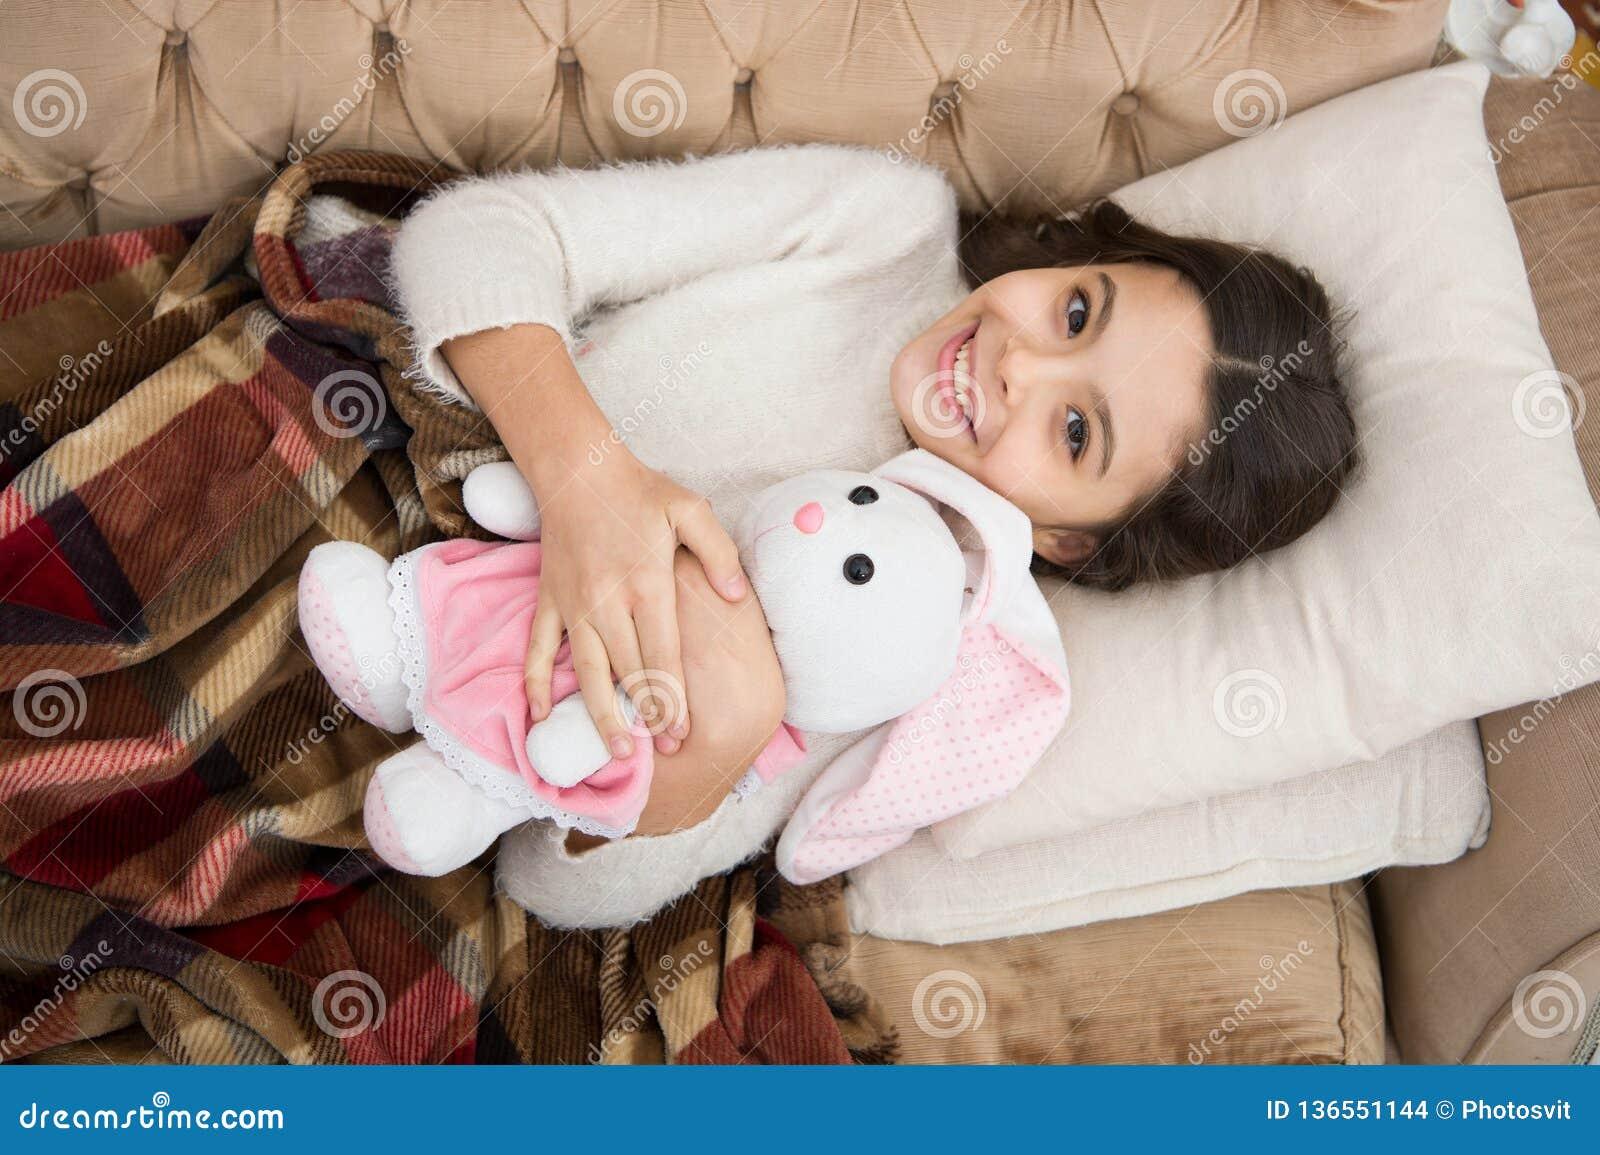 Familia y amor El día de los niños pequeño niño de la muchacha Sueños dulces Buenos días Cuidado de niños sueño feliz de la niña